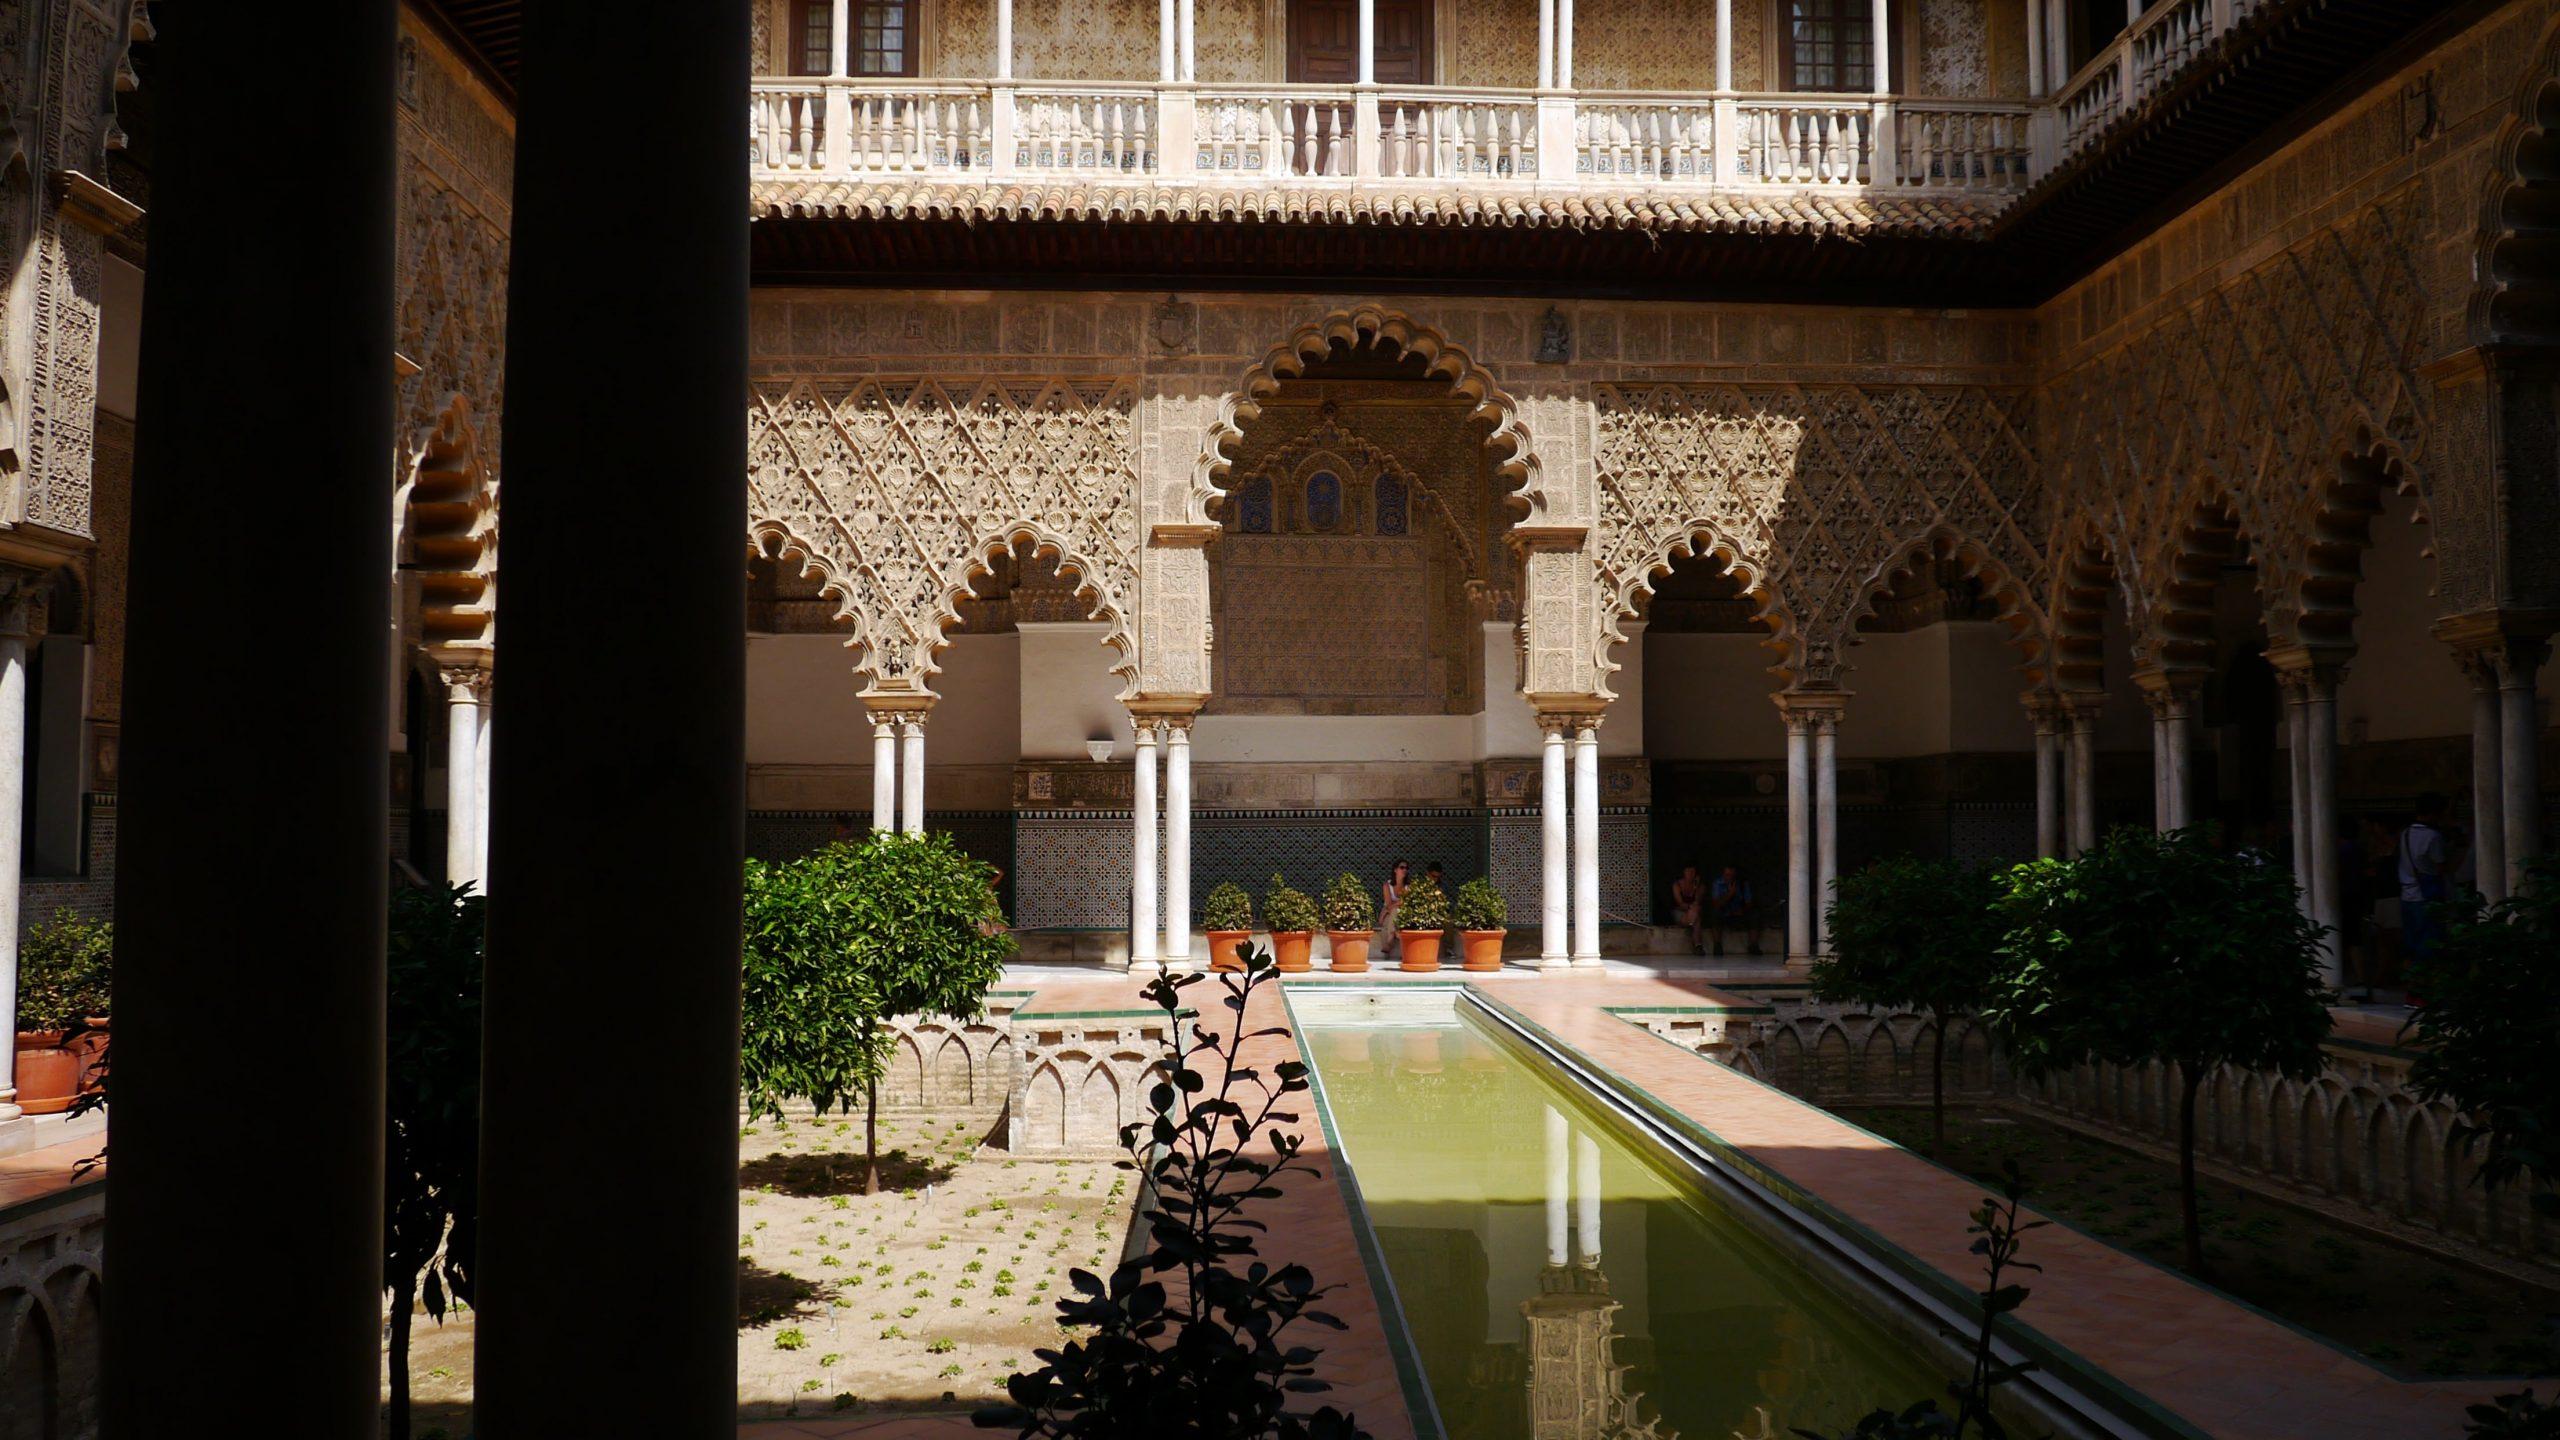 Alcazar de Séville billets coupe-file visite guidée